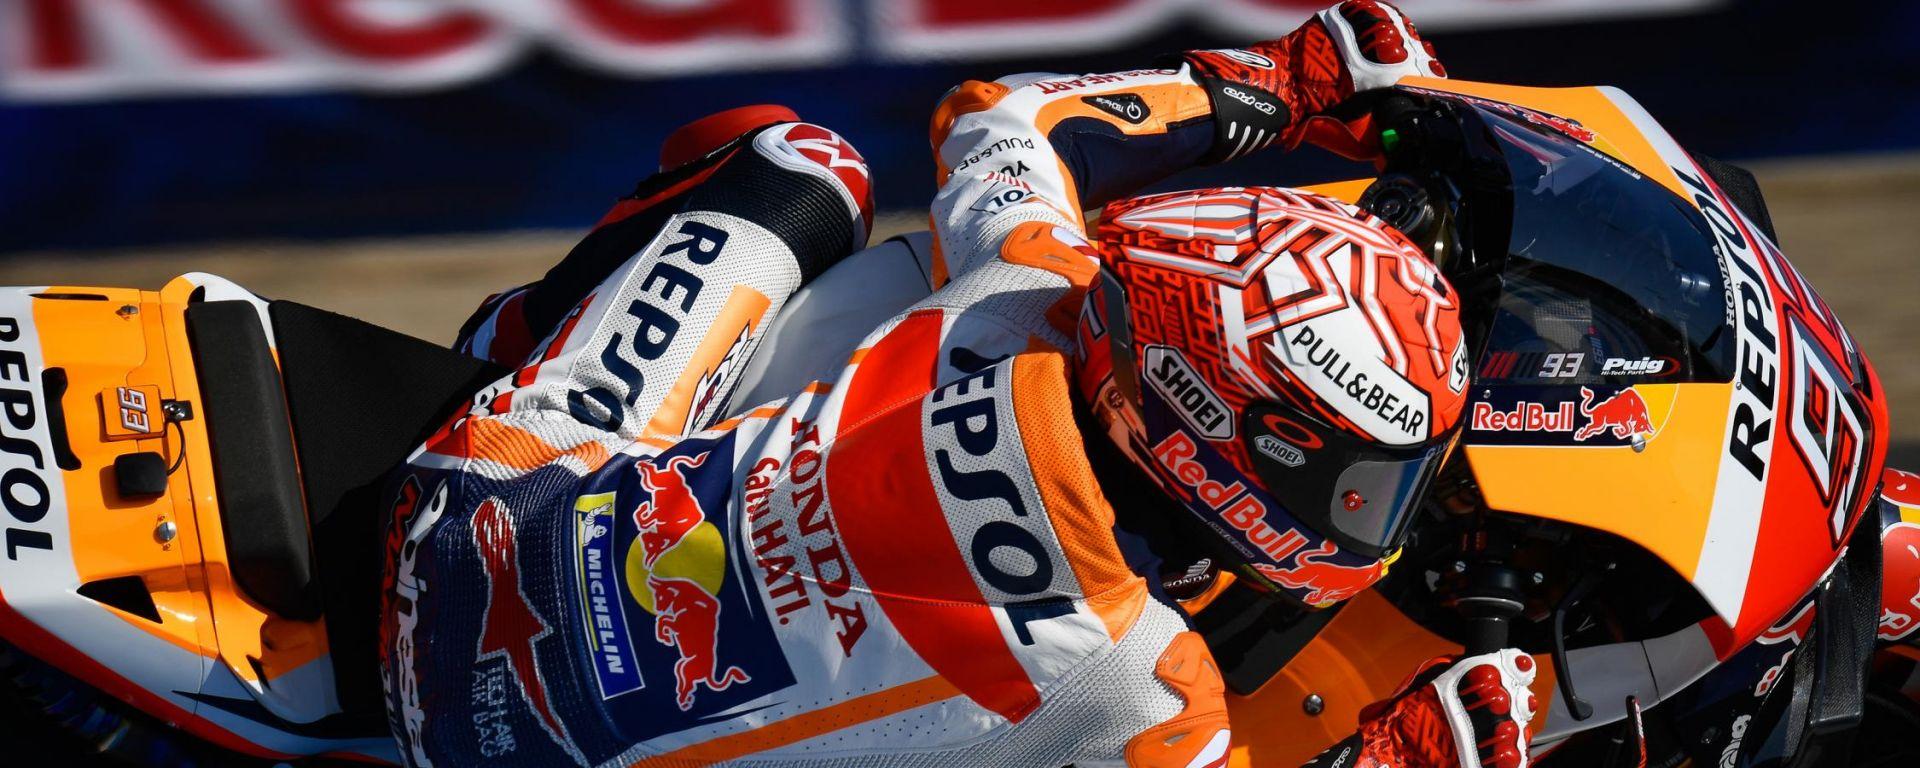 MotoGP Spagna: tris iberico nelle FP1, guida Marquez, Rossi attardato